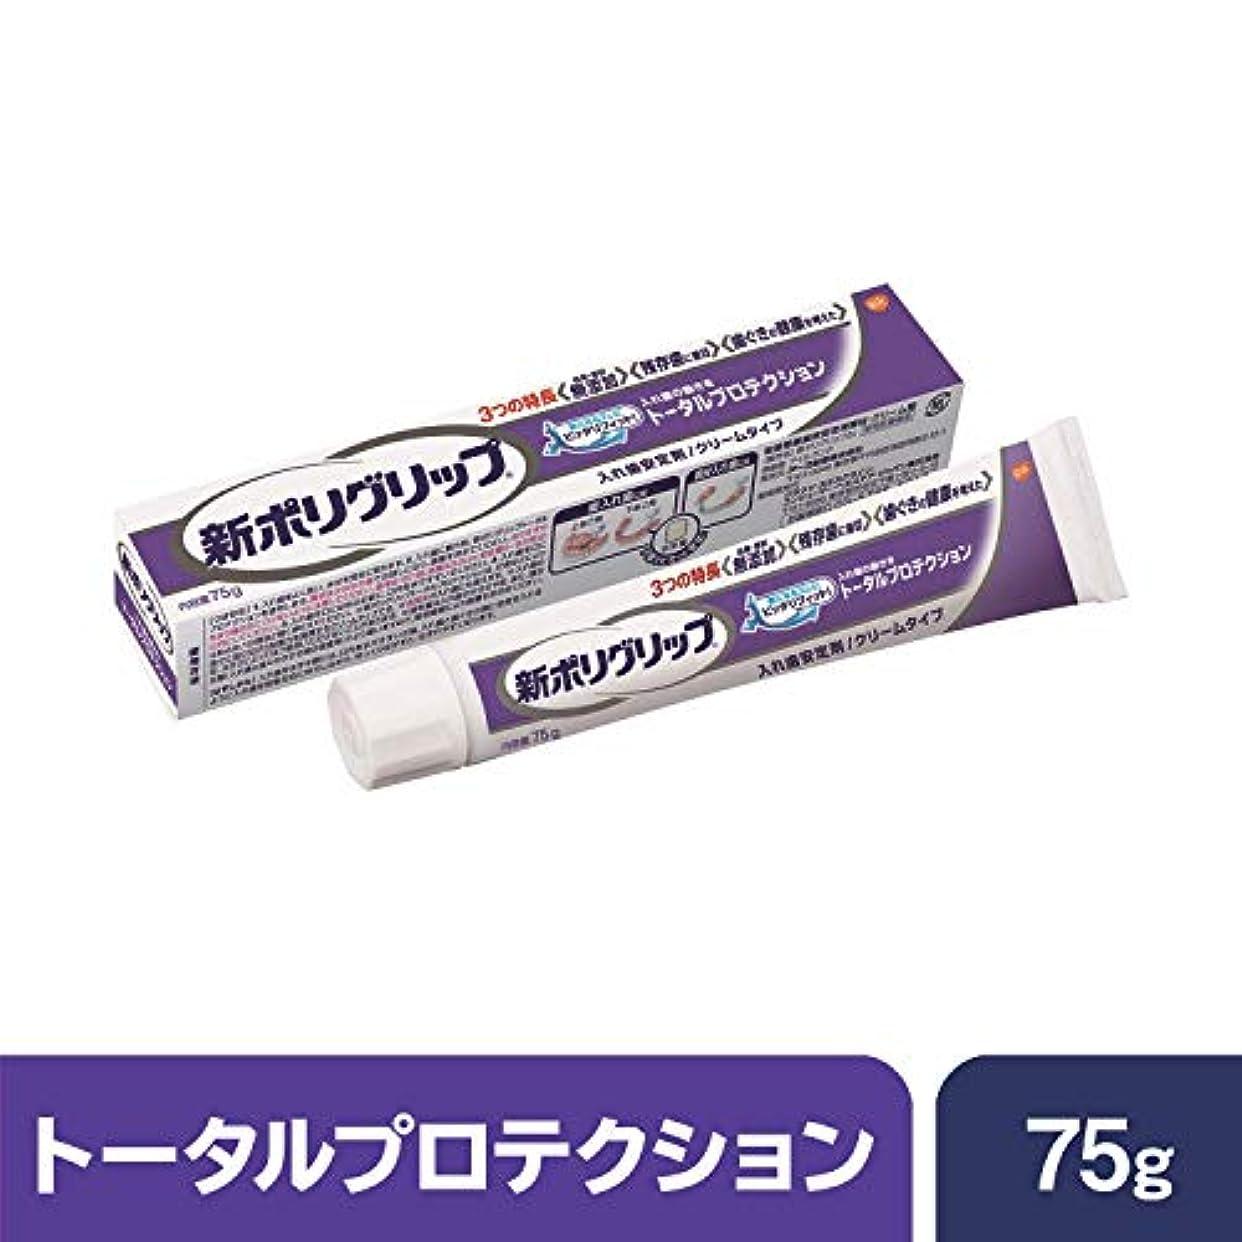 部分?総入れ歯安定剤 新ポリグリップ トータルプロテクション(残存歯に着目) 75g